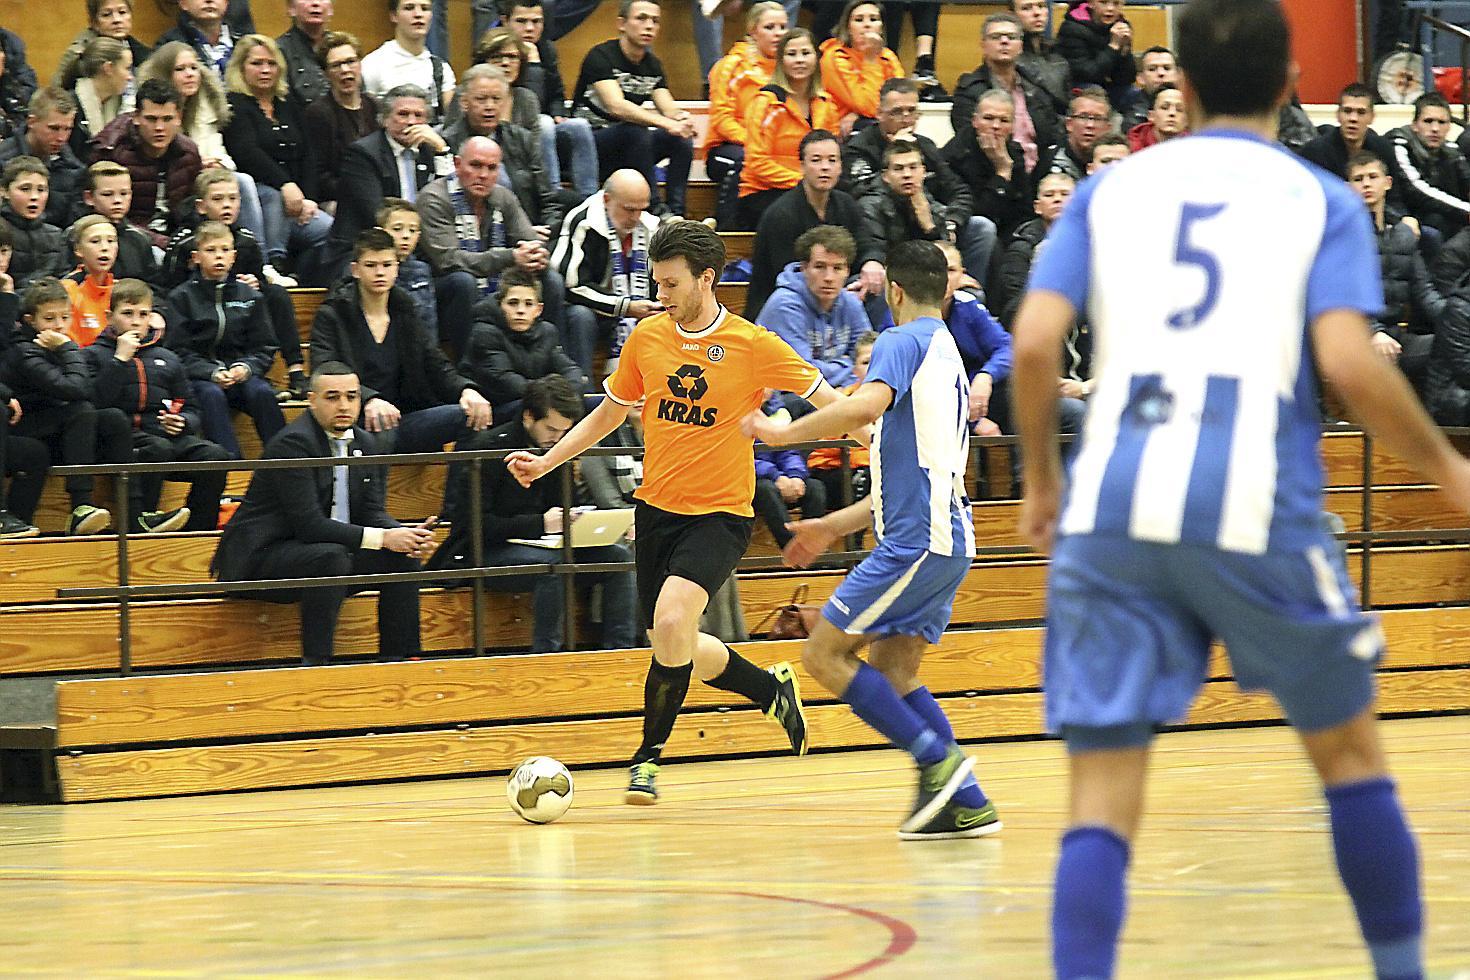 Kevin Mühren (ZVV Volendam): 'Uiteindelijk win je een wedstrijd met doelpunten, niet met panna's'